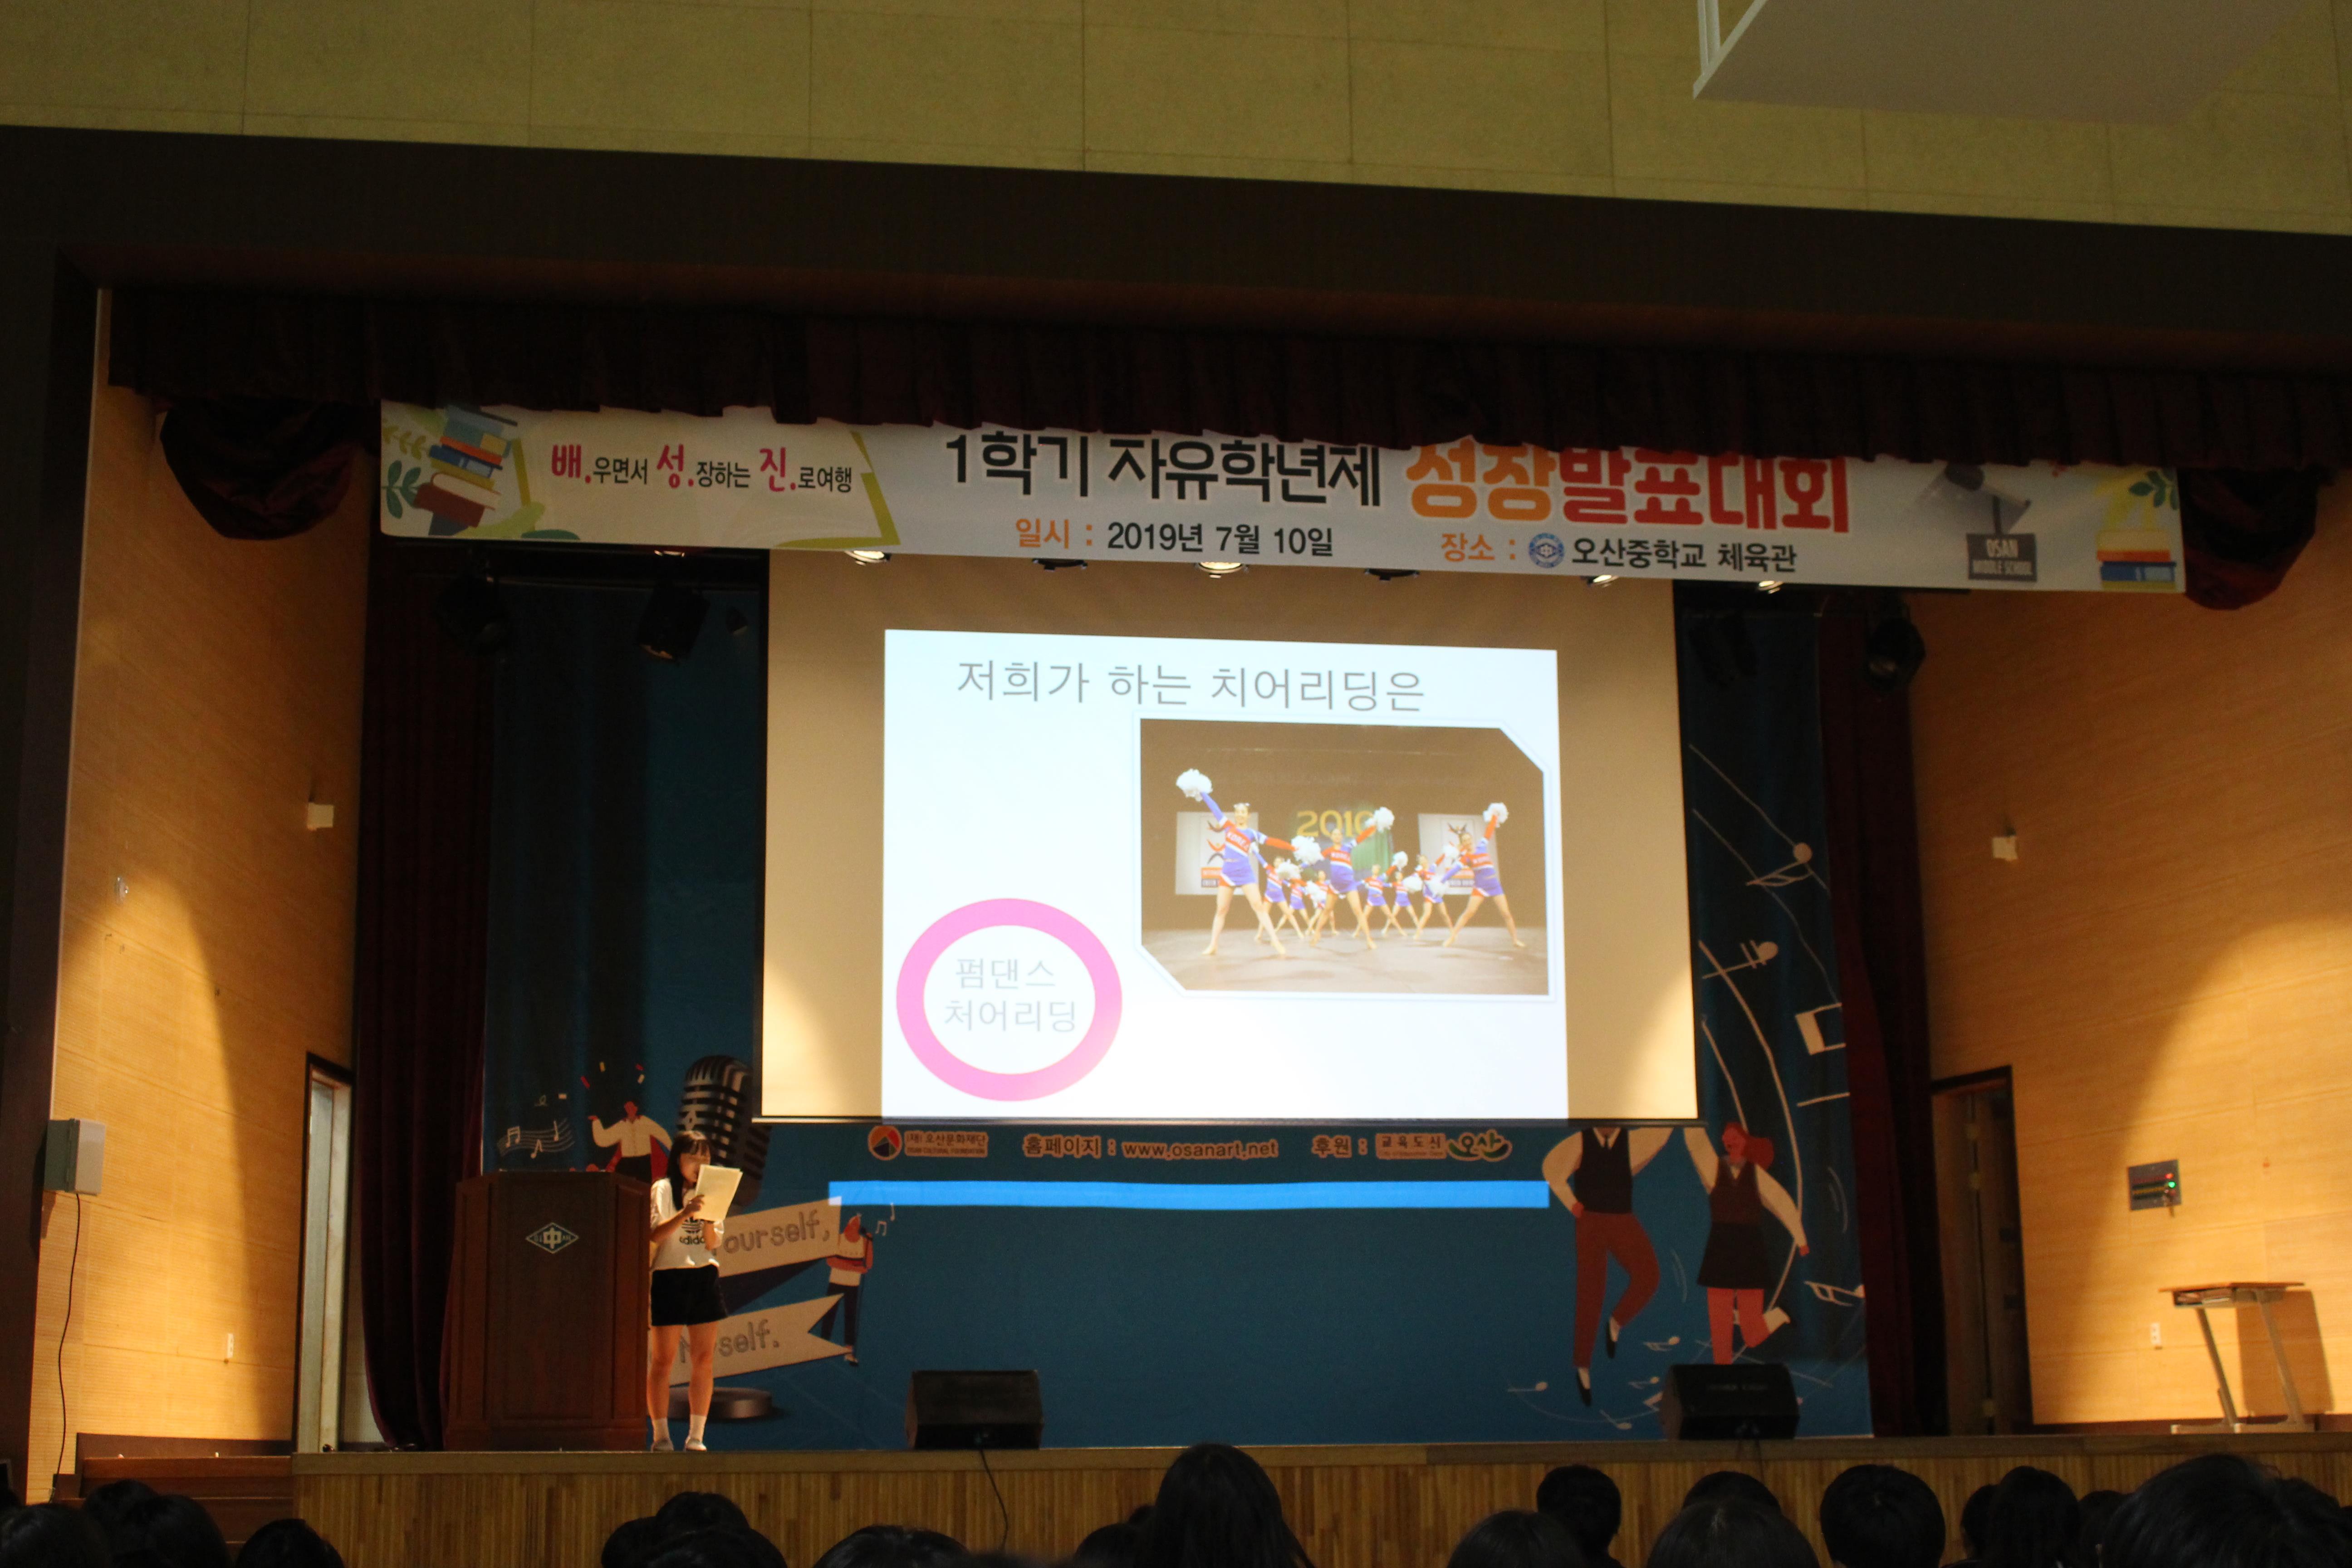 [일반] 1학년 1학기 자유학년제 성장발표대회의 첨부이미지 2